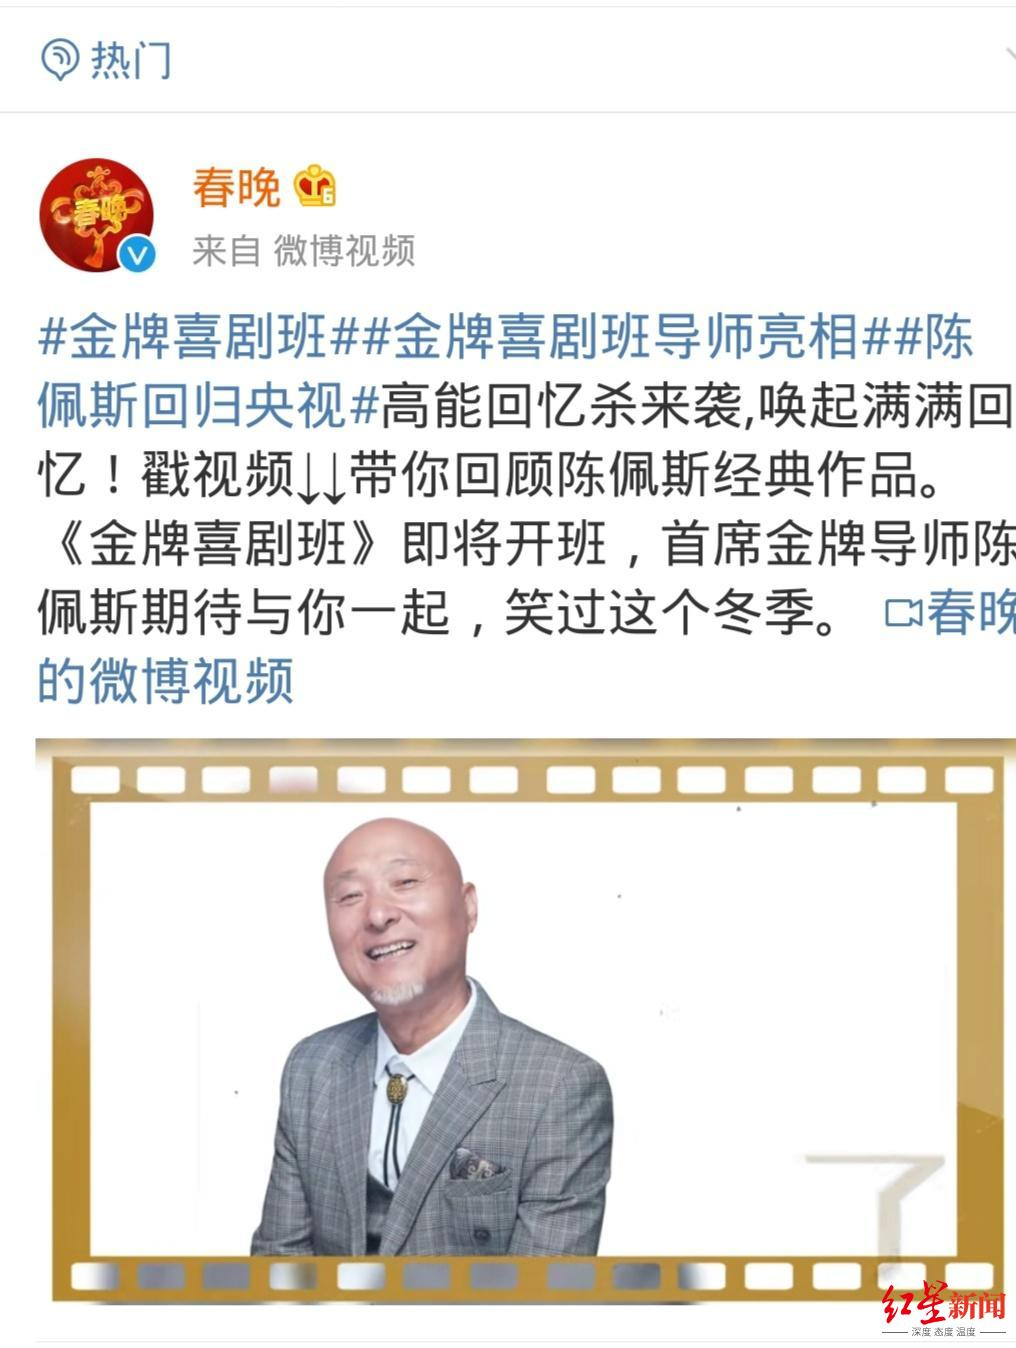 《金牌喜剧班》公布首位导师 陈佩斯重返央视